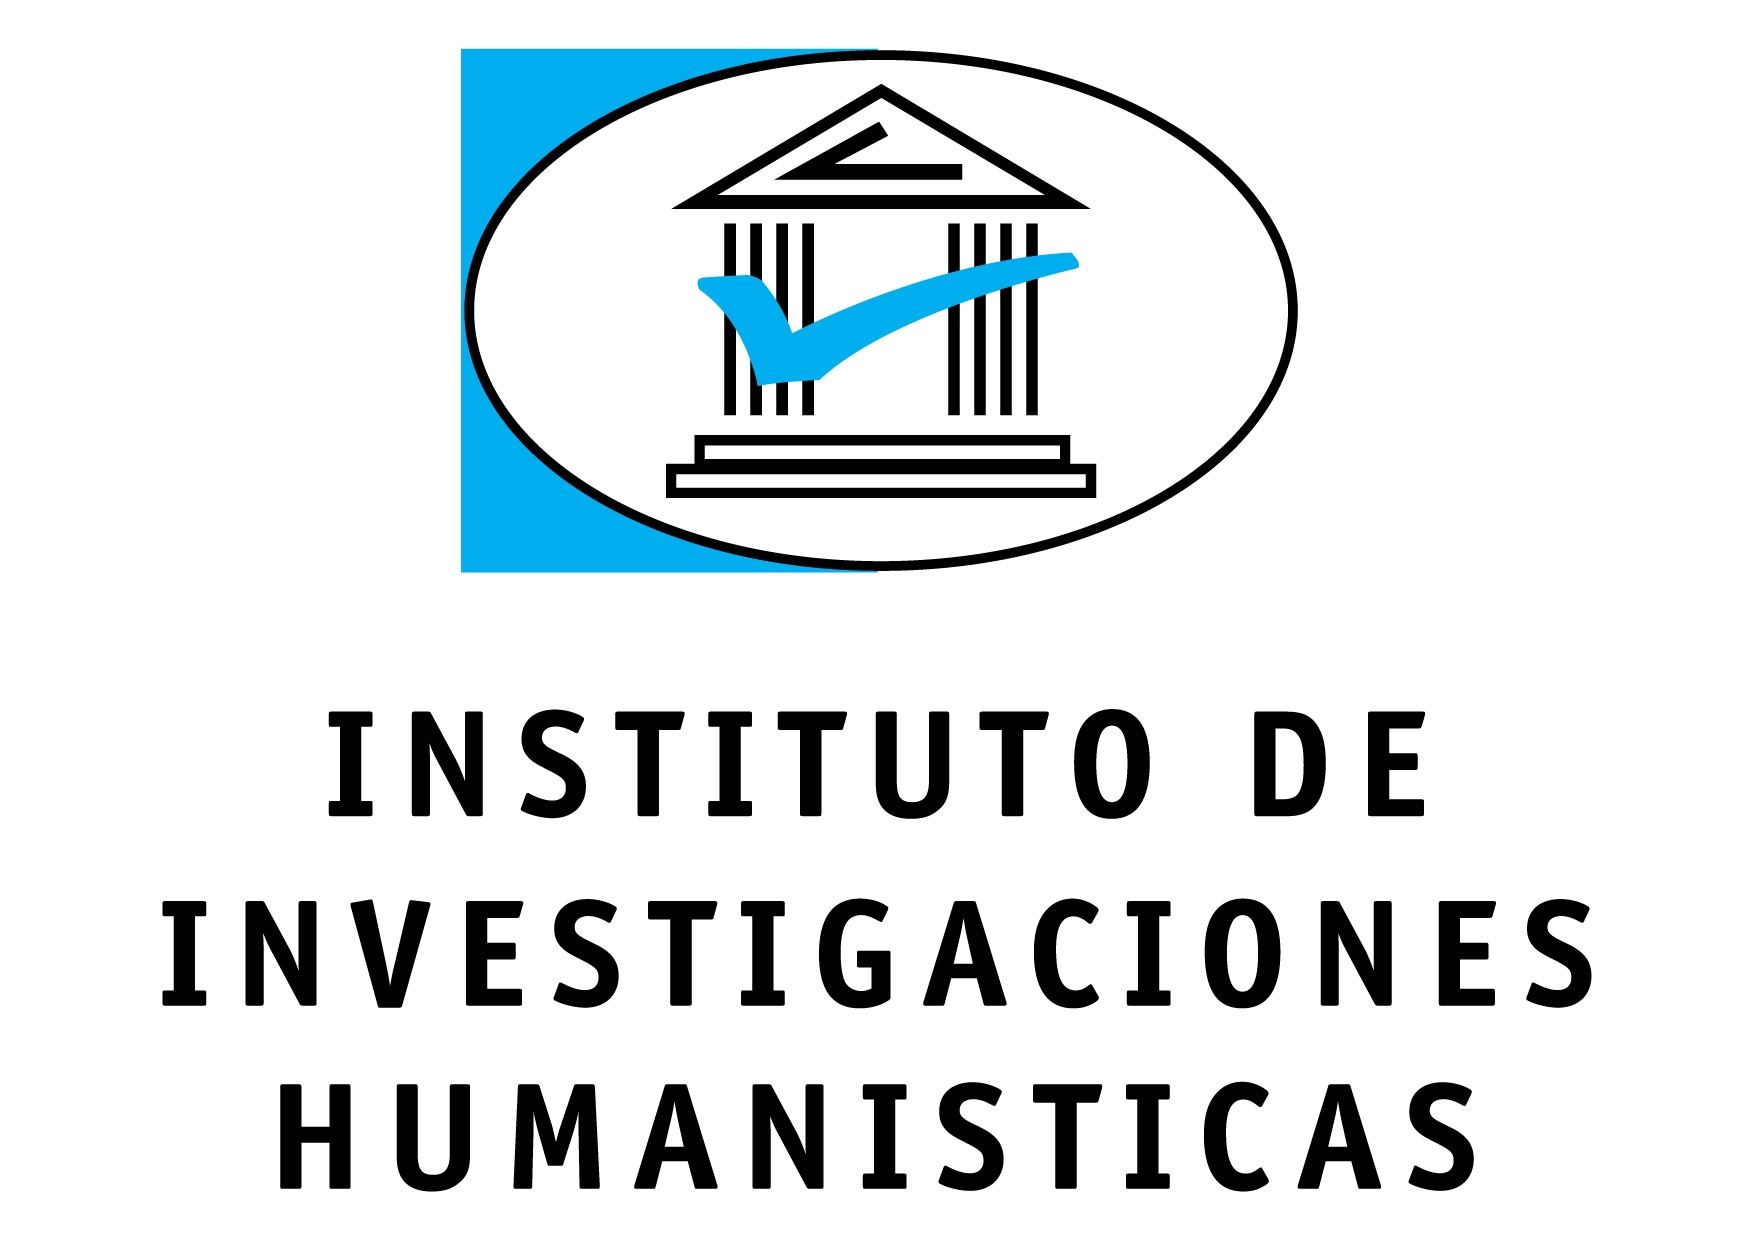 Instituto de Investigaciones Humanísticas